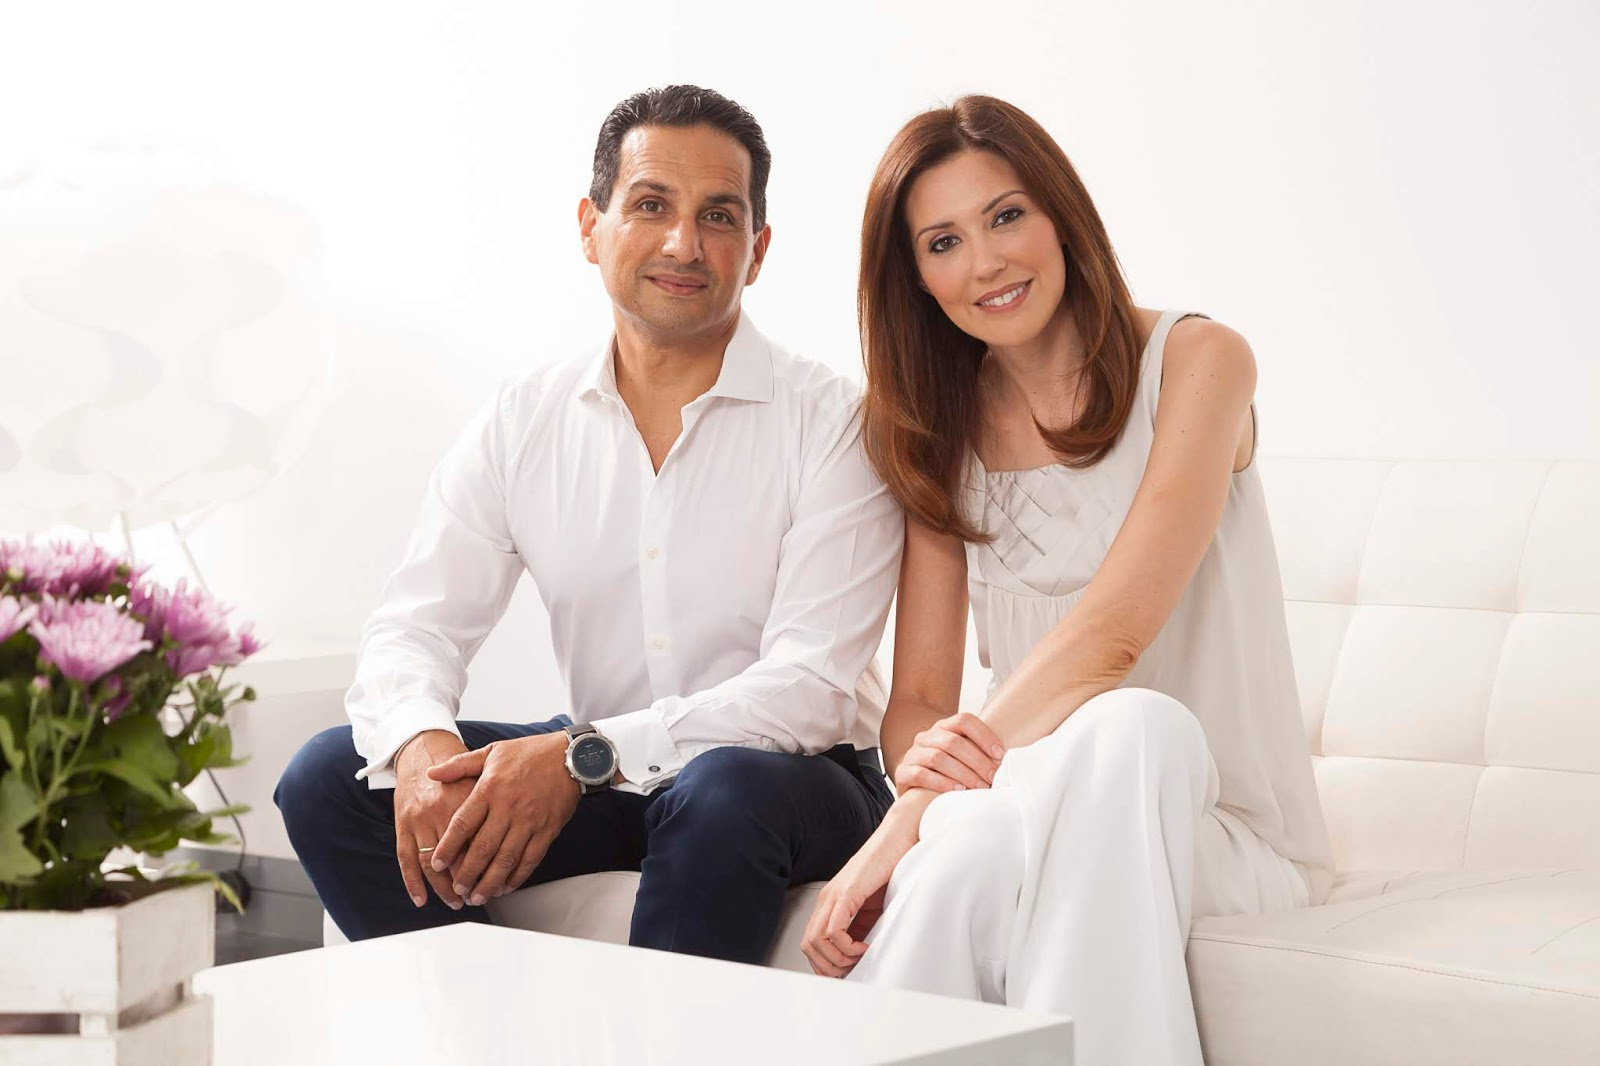 Doctores Raquel Moreno Pentinel y Amir Tarighpeyma, fundadores de Medicina Estética ERES.